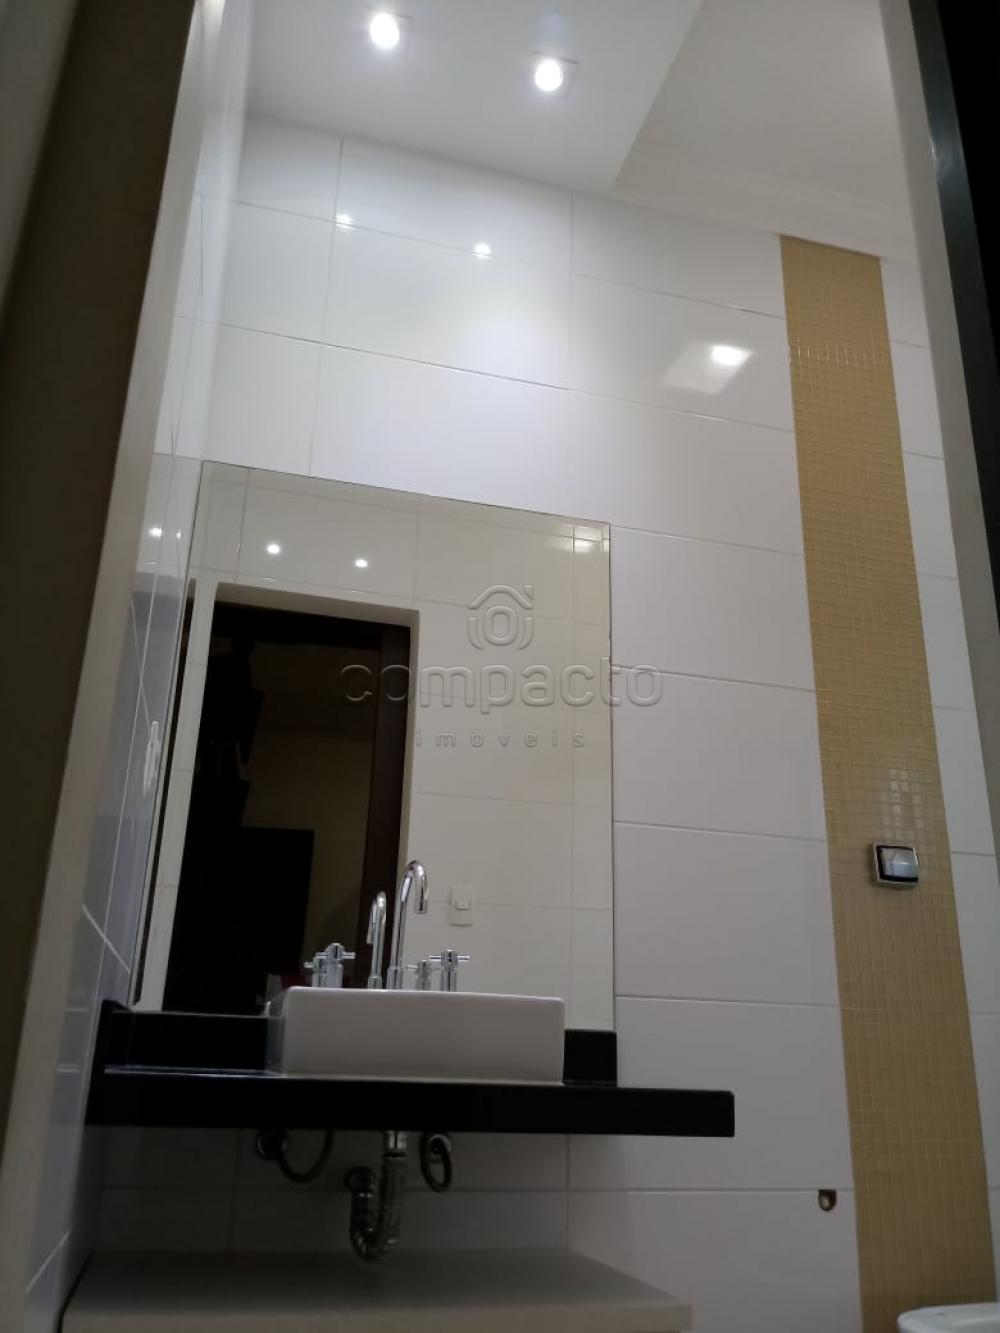 Comprar Casa / Condomínio em São José do Rio Preto apenas R$ 780.000,00 - Foto 18